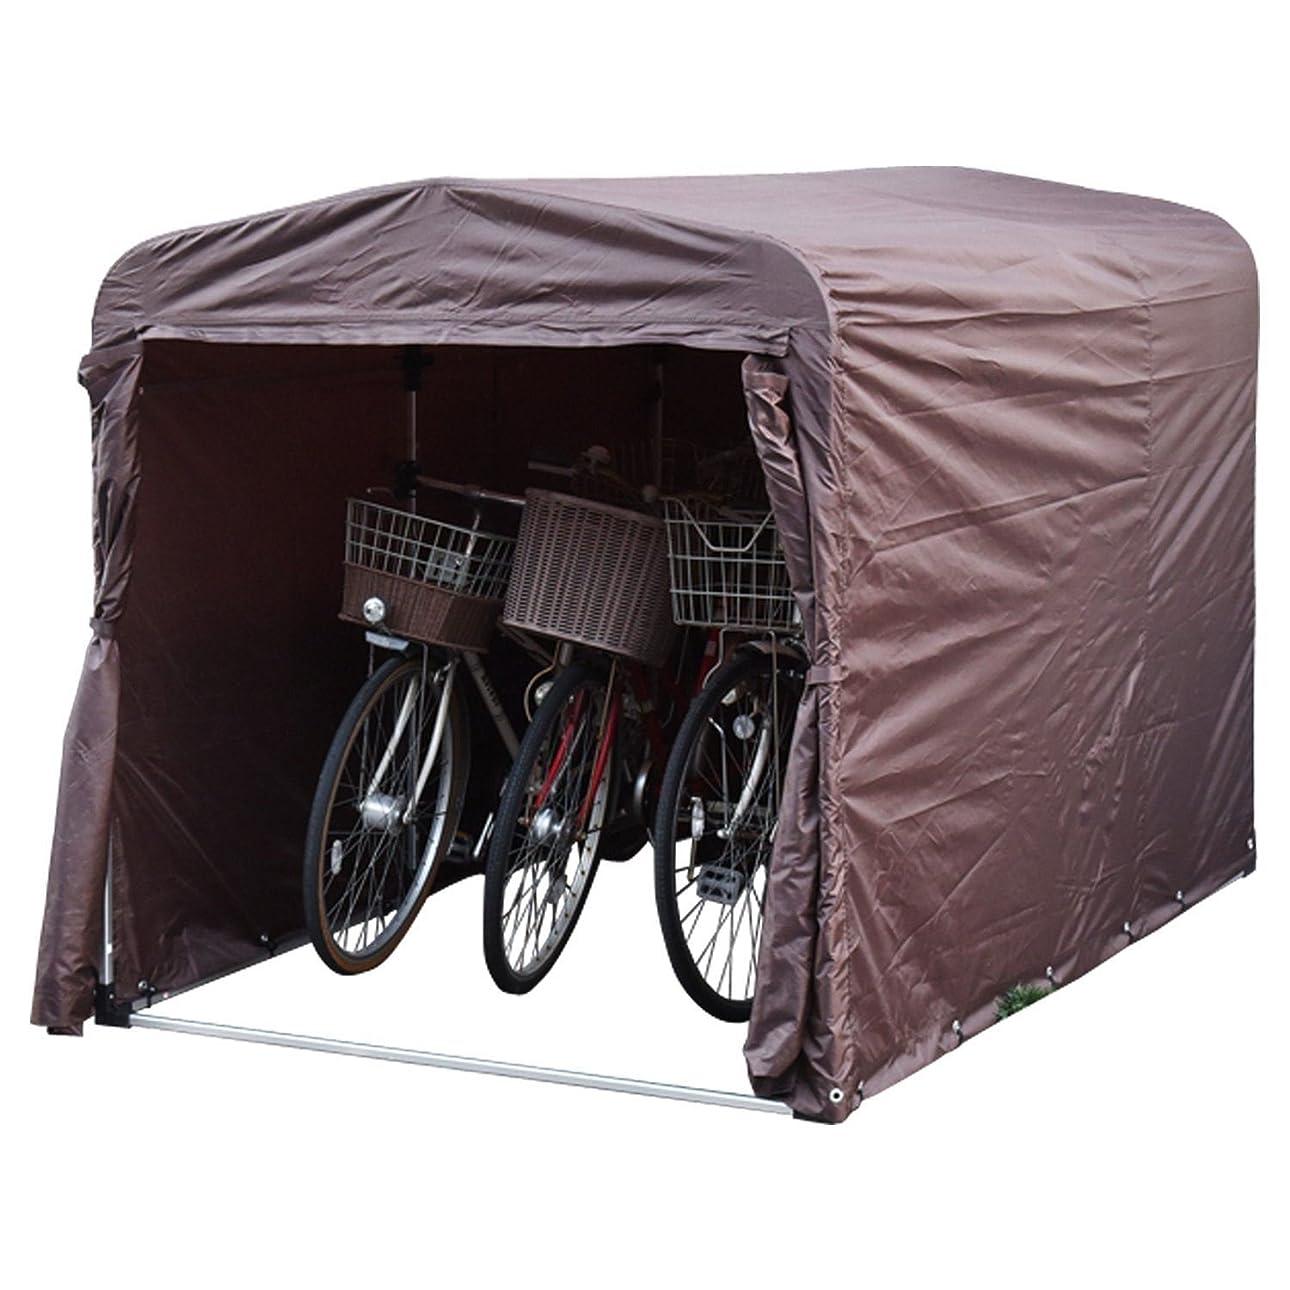 繰り返した一定選択する山善 ガーデンマスター サイクルガレージ(約幅157奥行220 自転車3台用) YSG-1.0(BR)